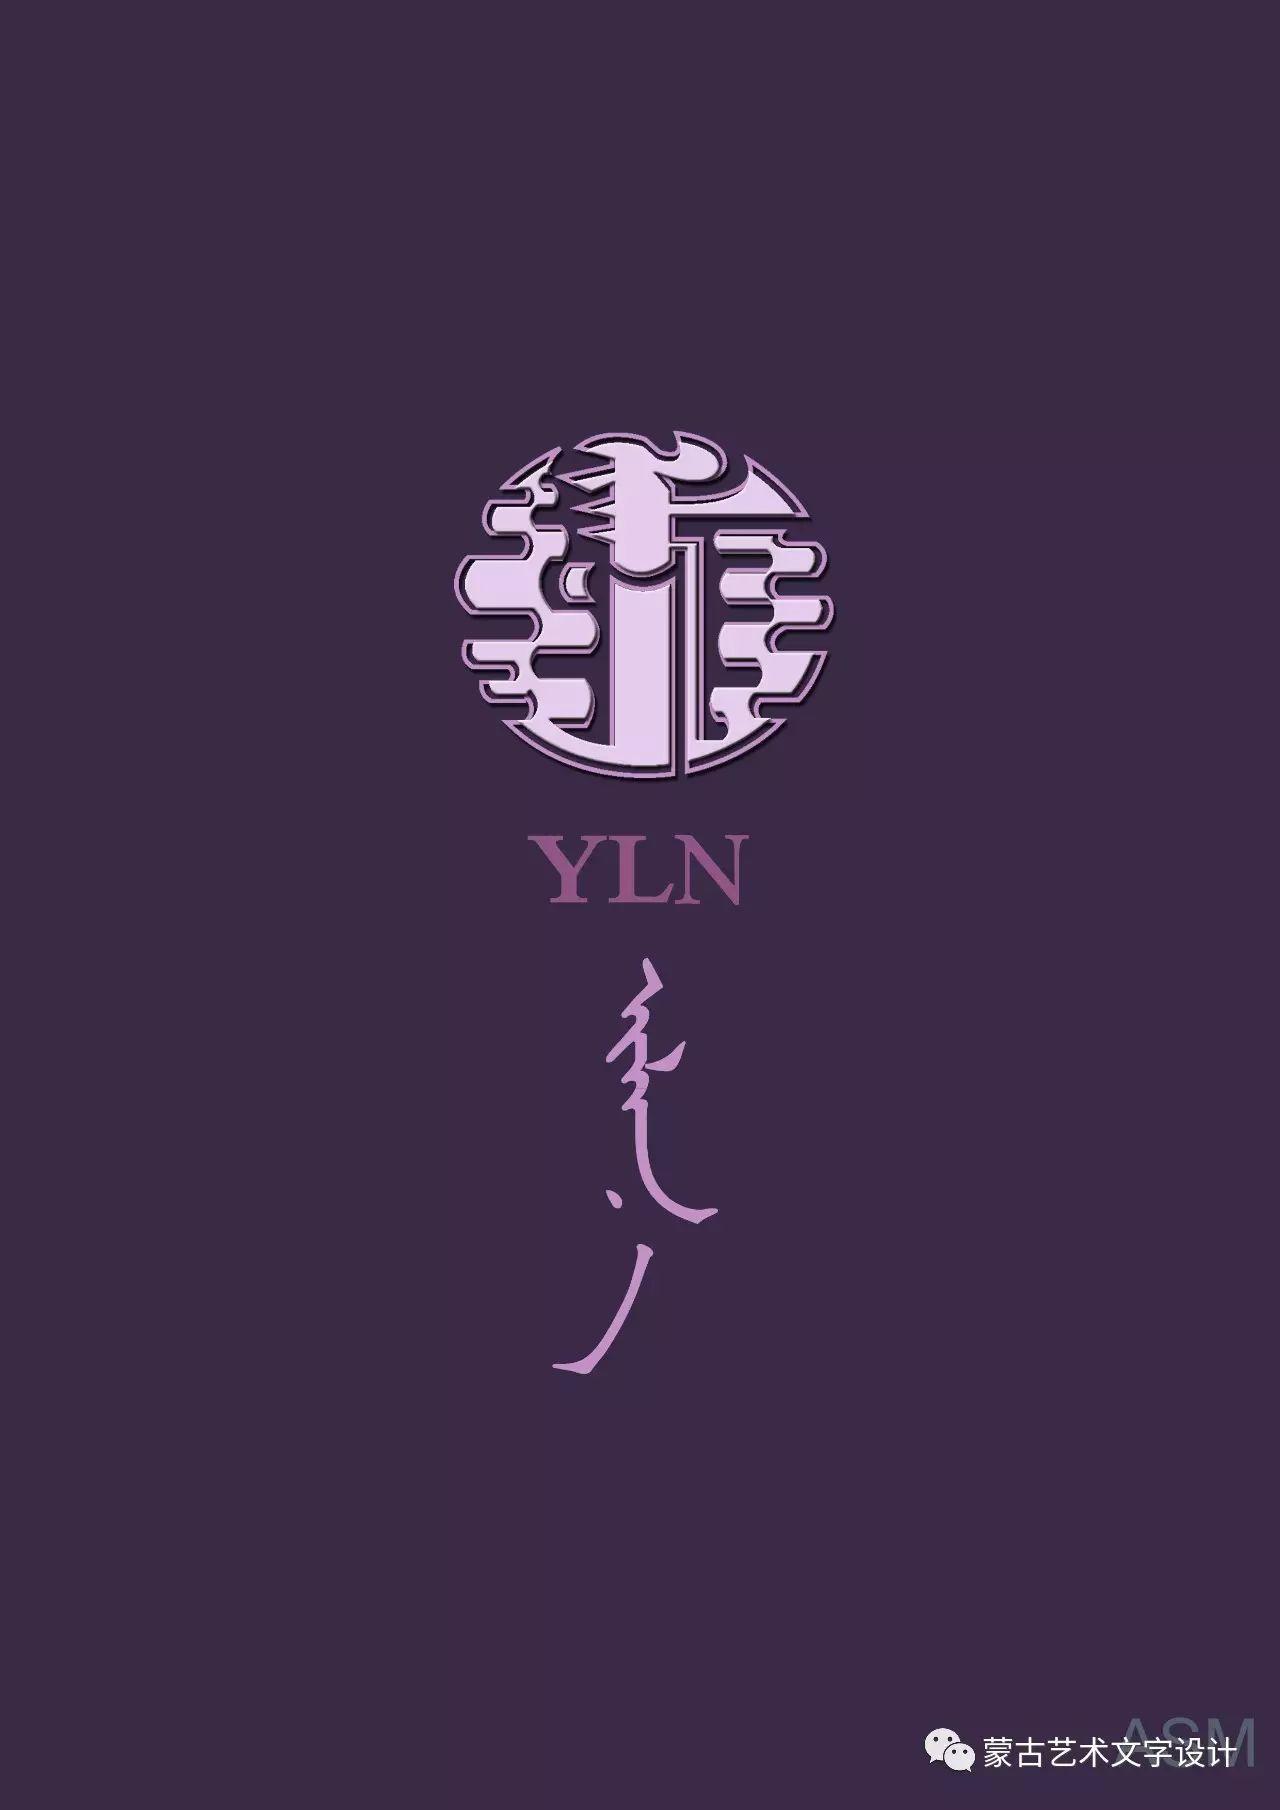 蒙古艺术文字设计 第75张